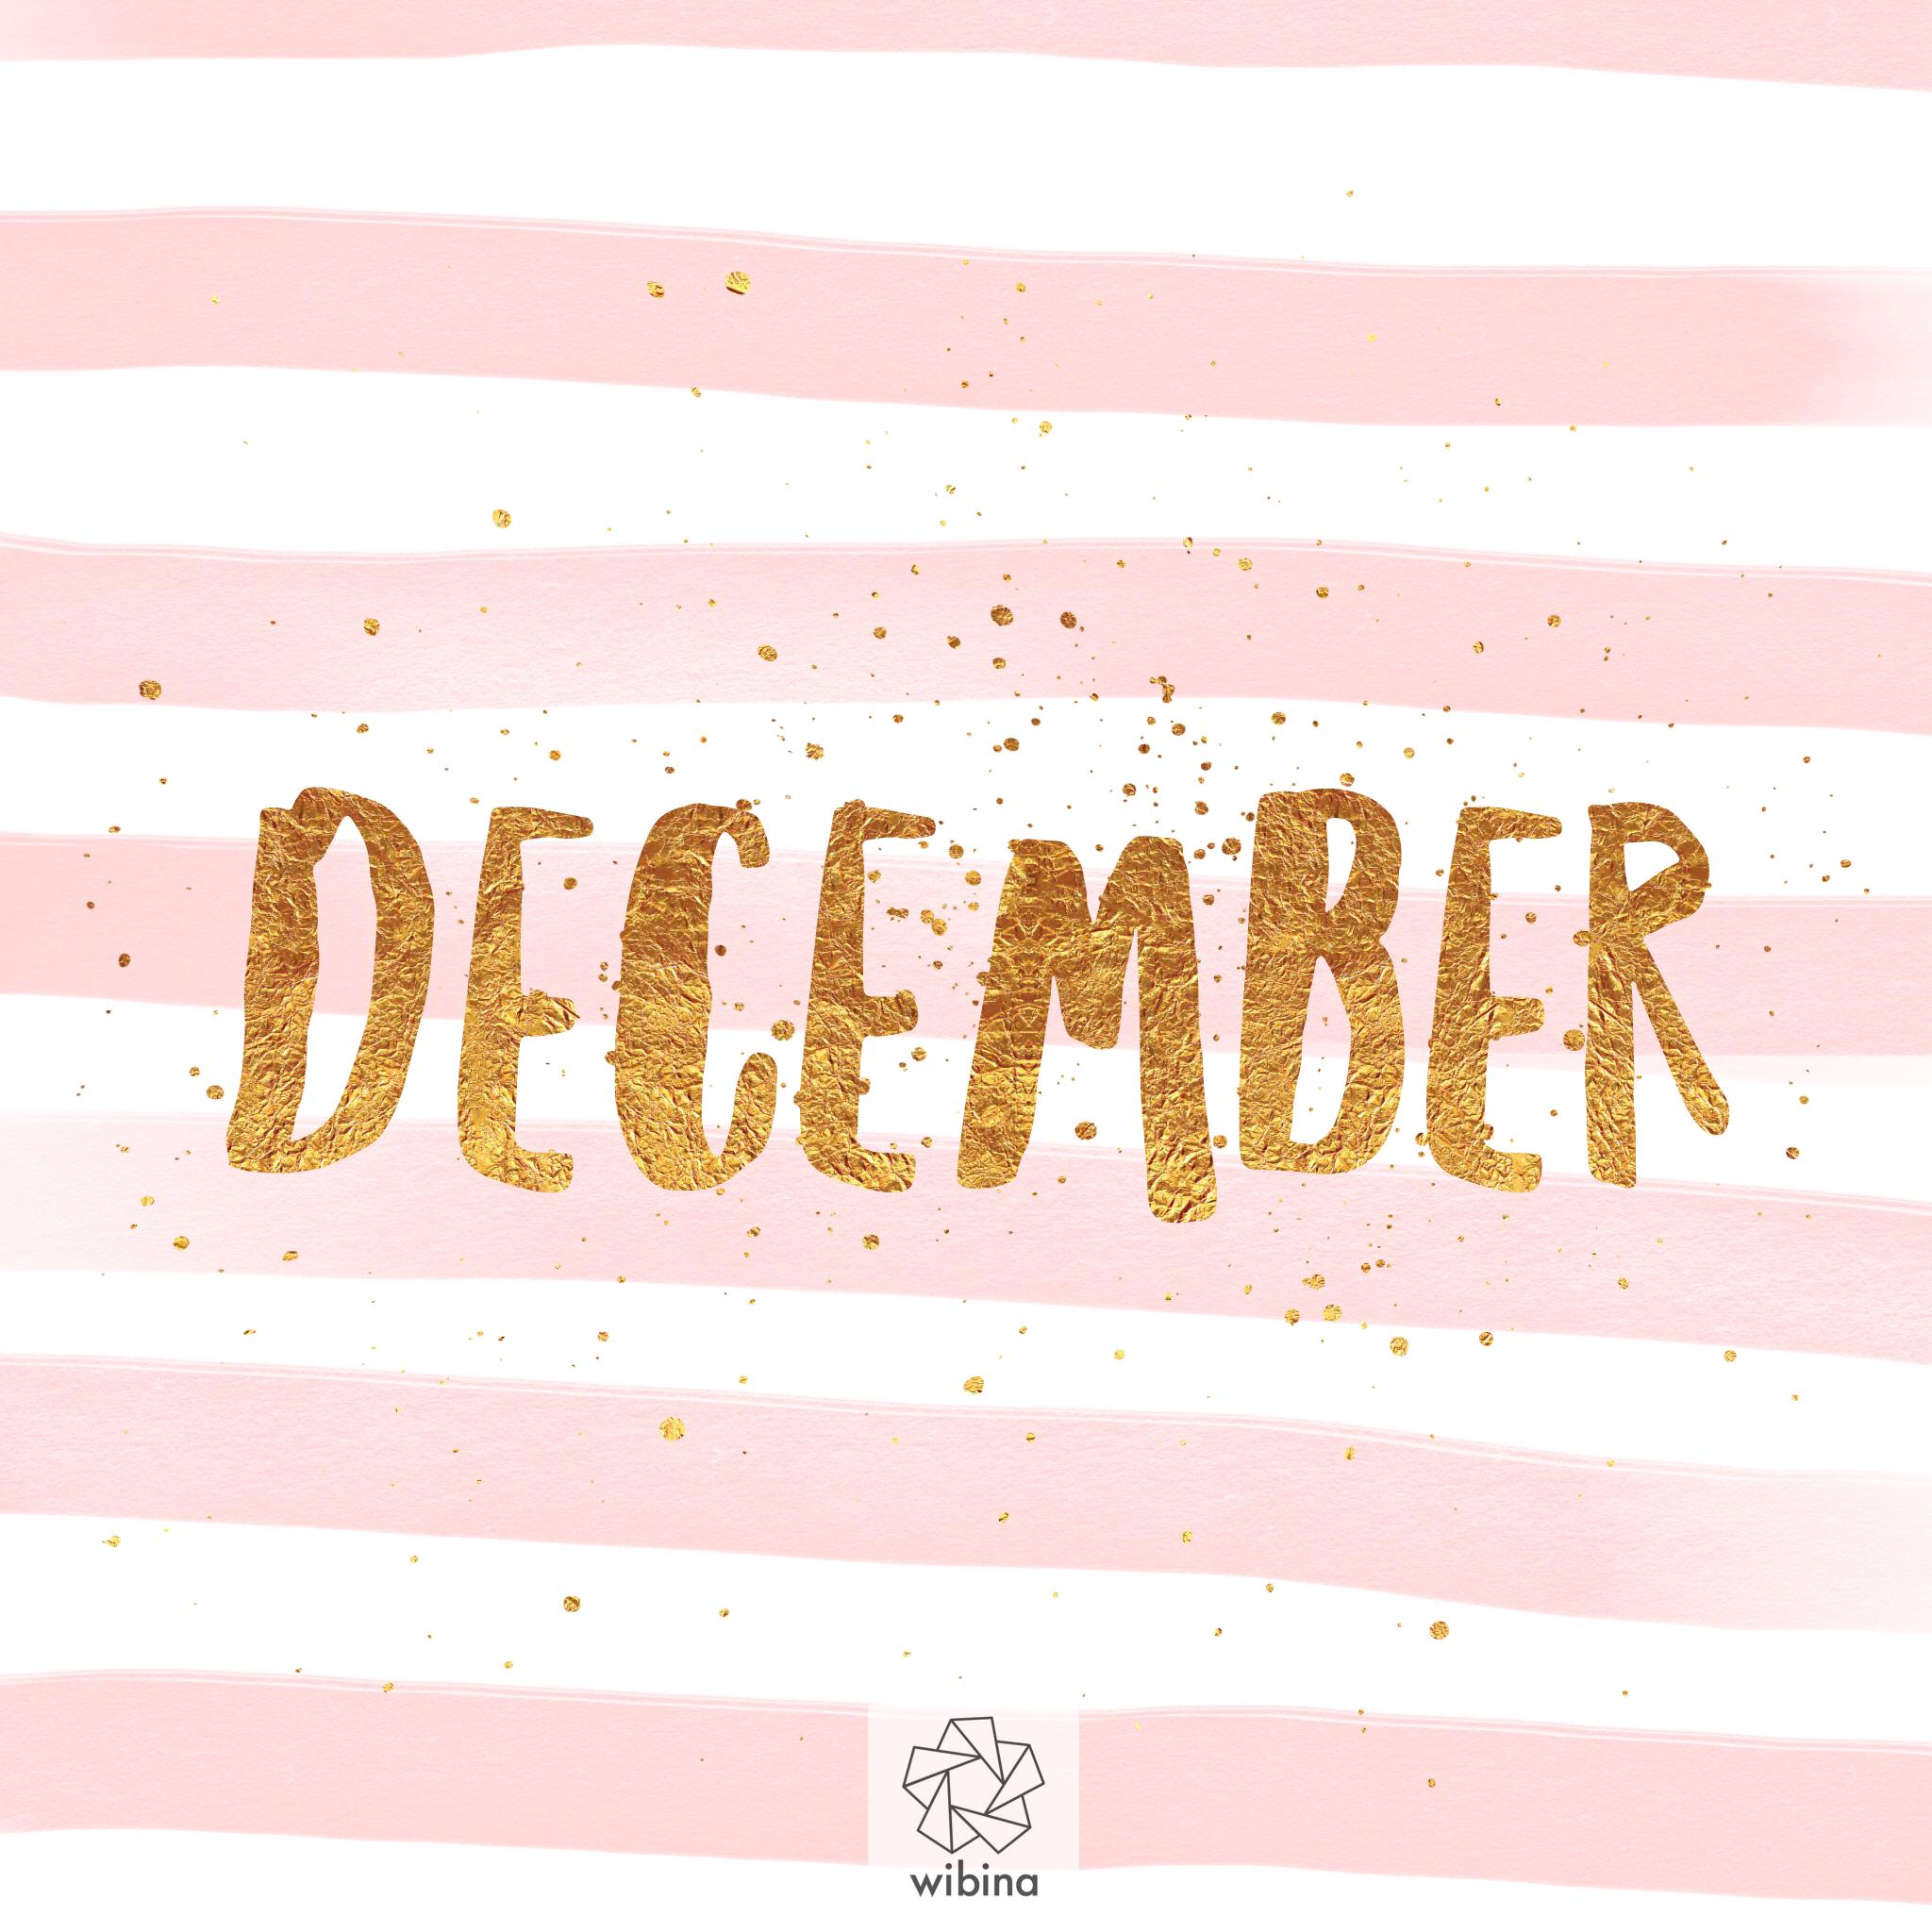 Dear December,